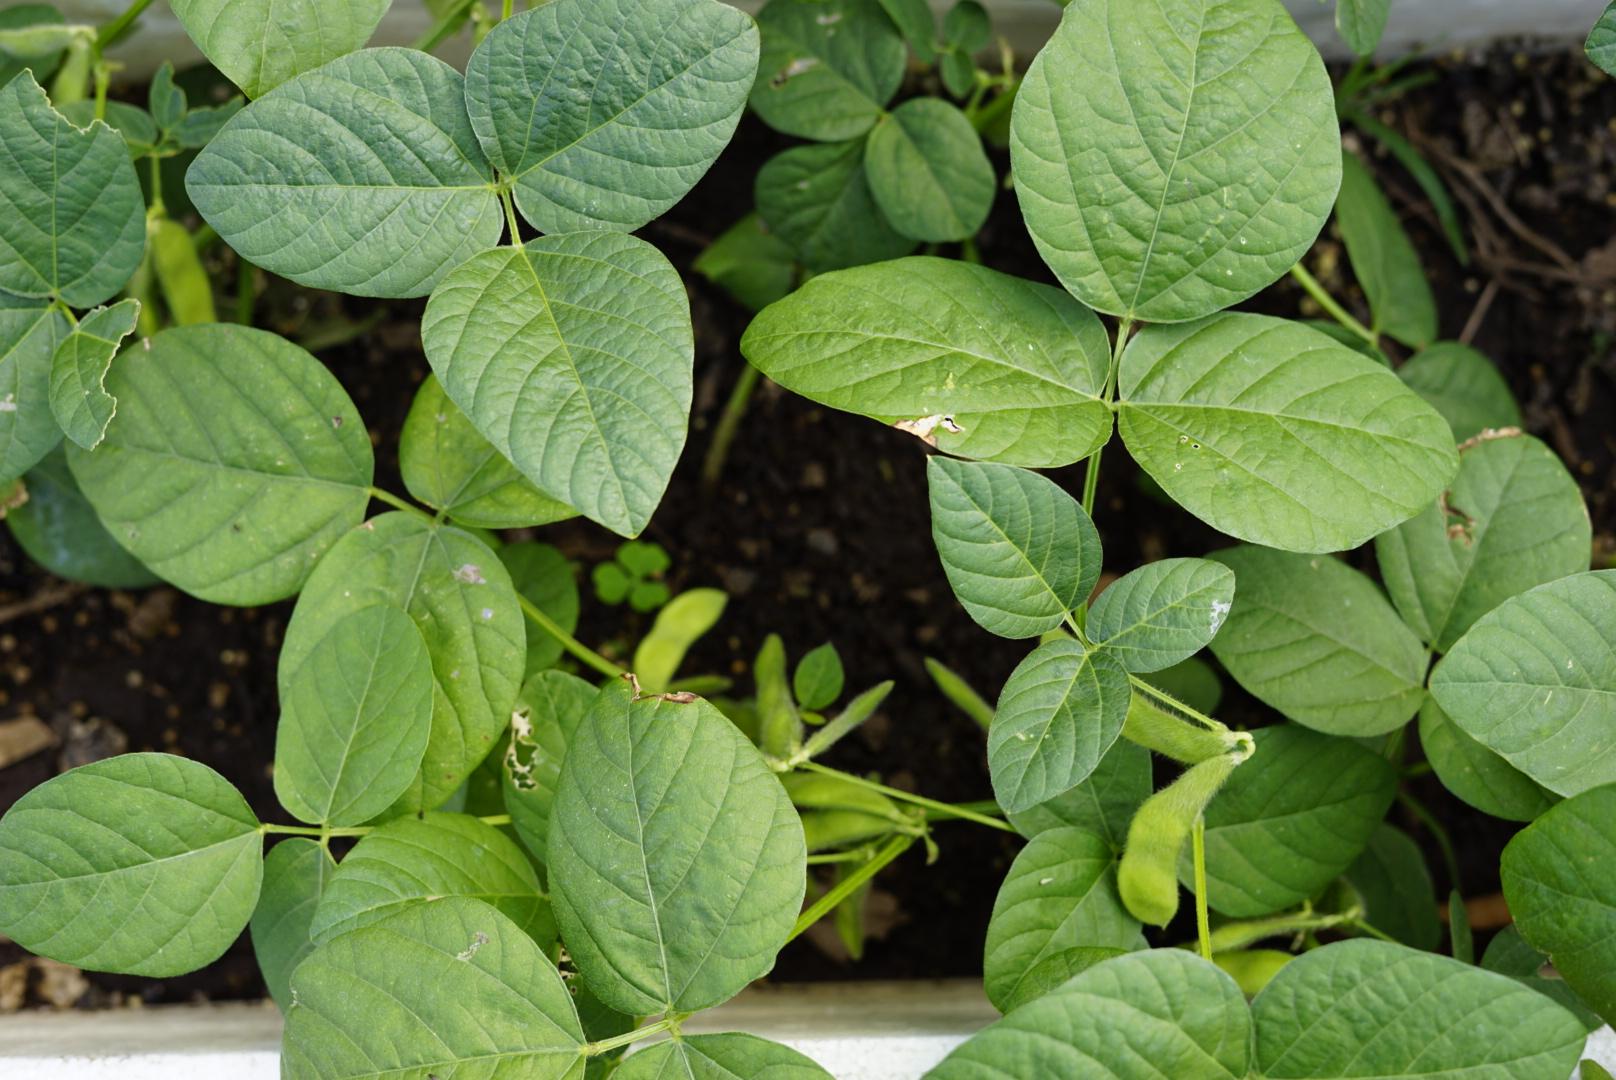 Soy Beans - Non-GMO & always picked fresh